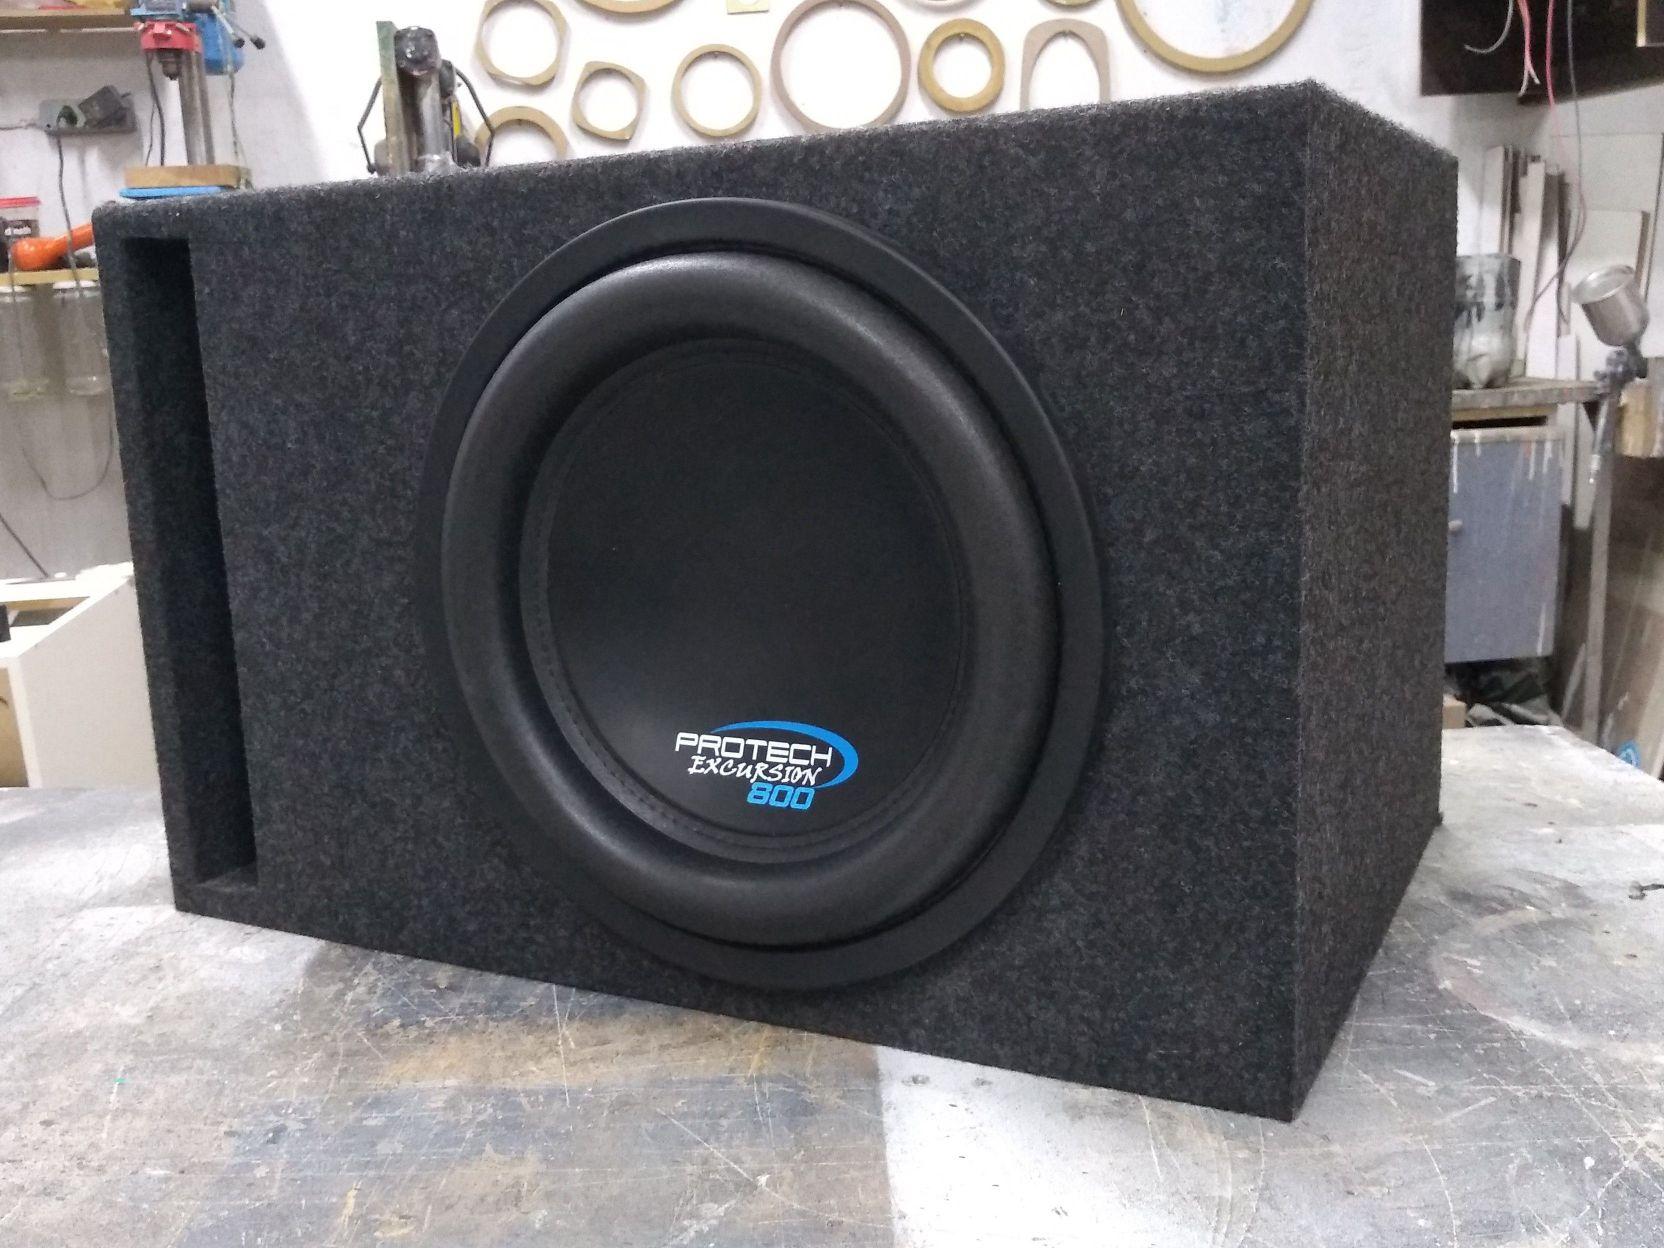 Caixa acústica de 12', retangular com duto régua